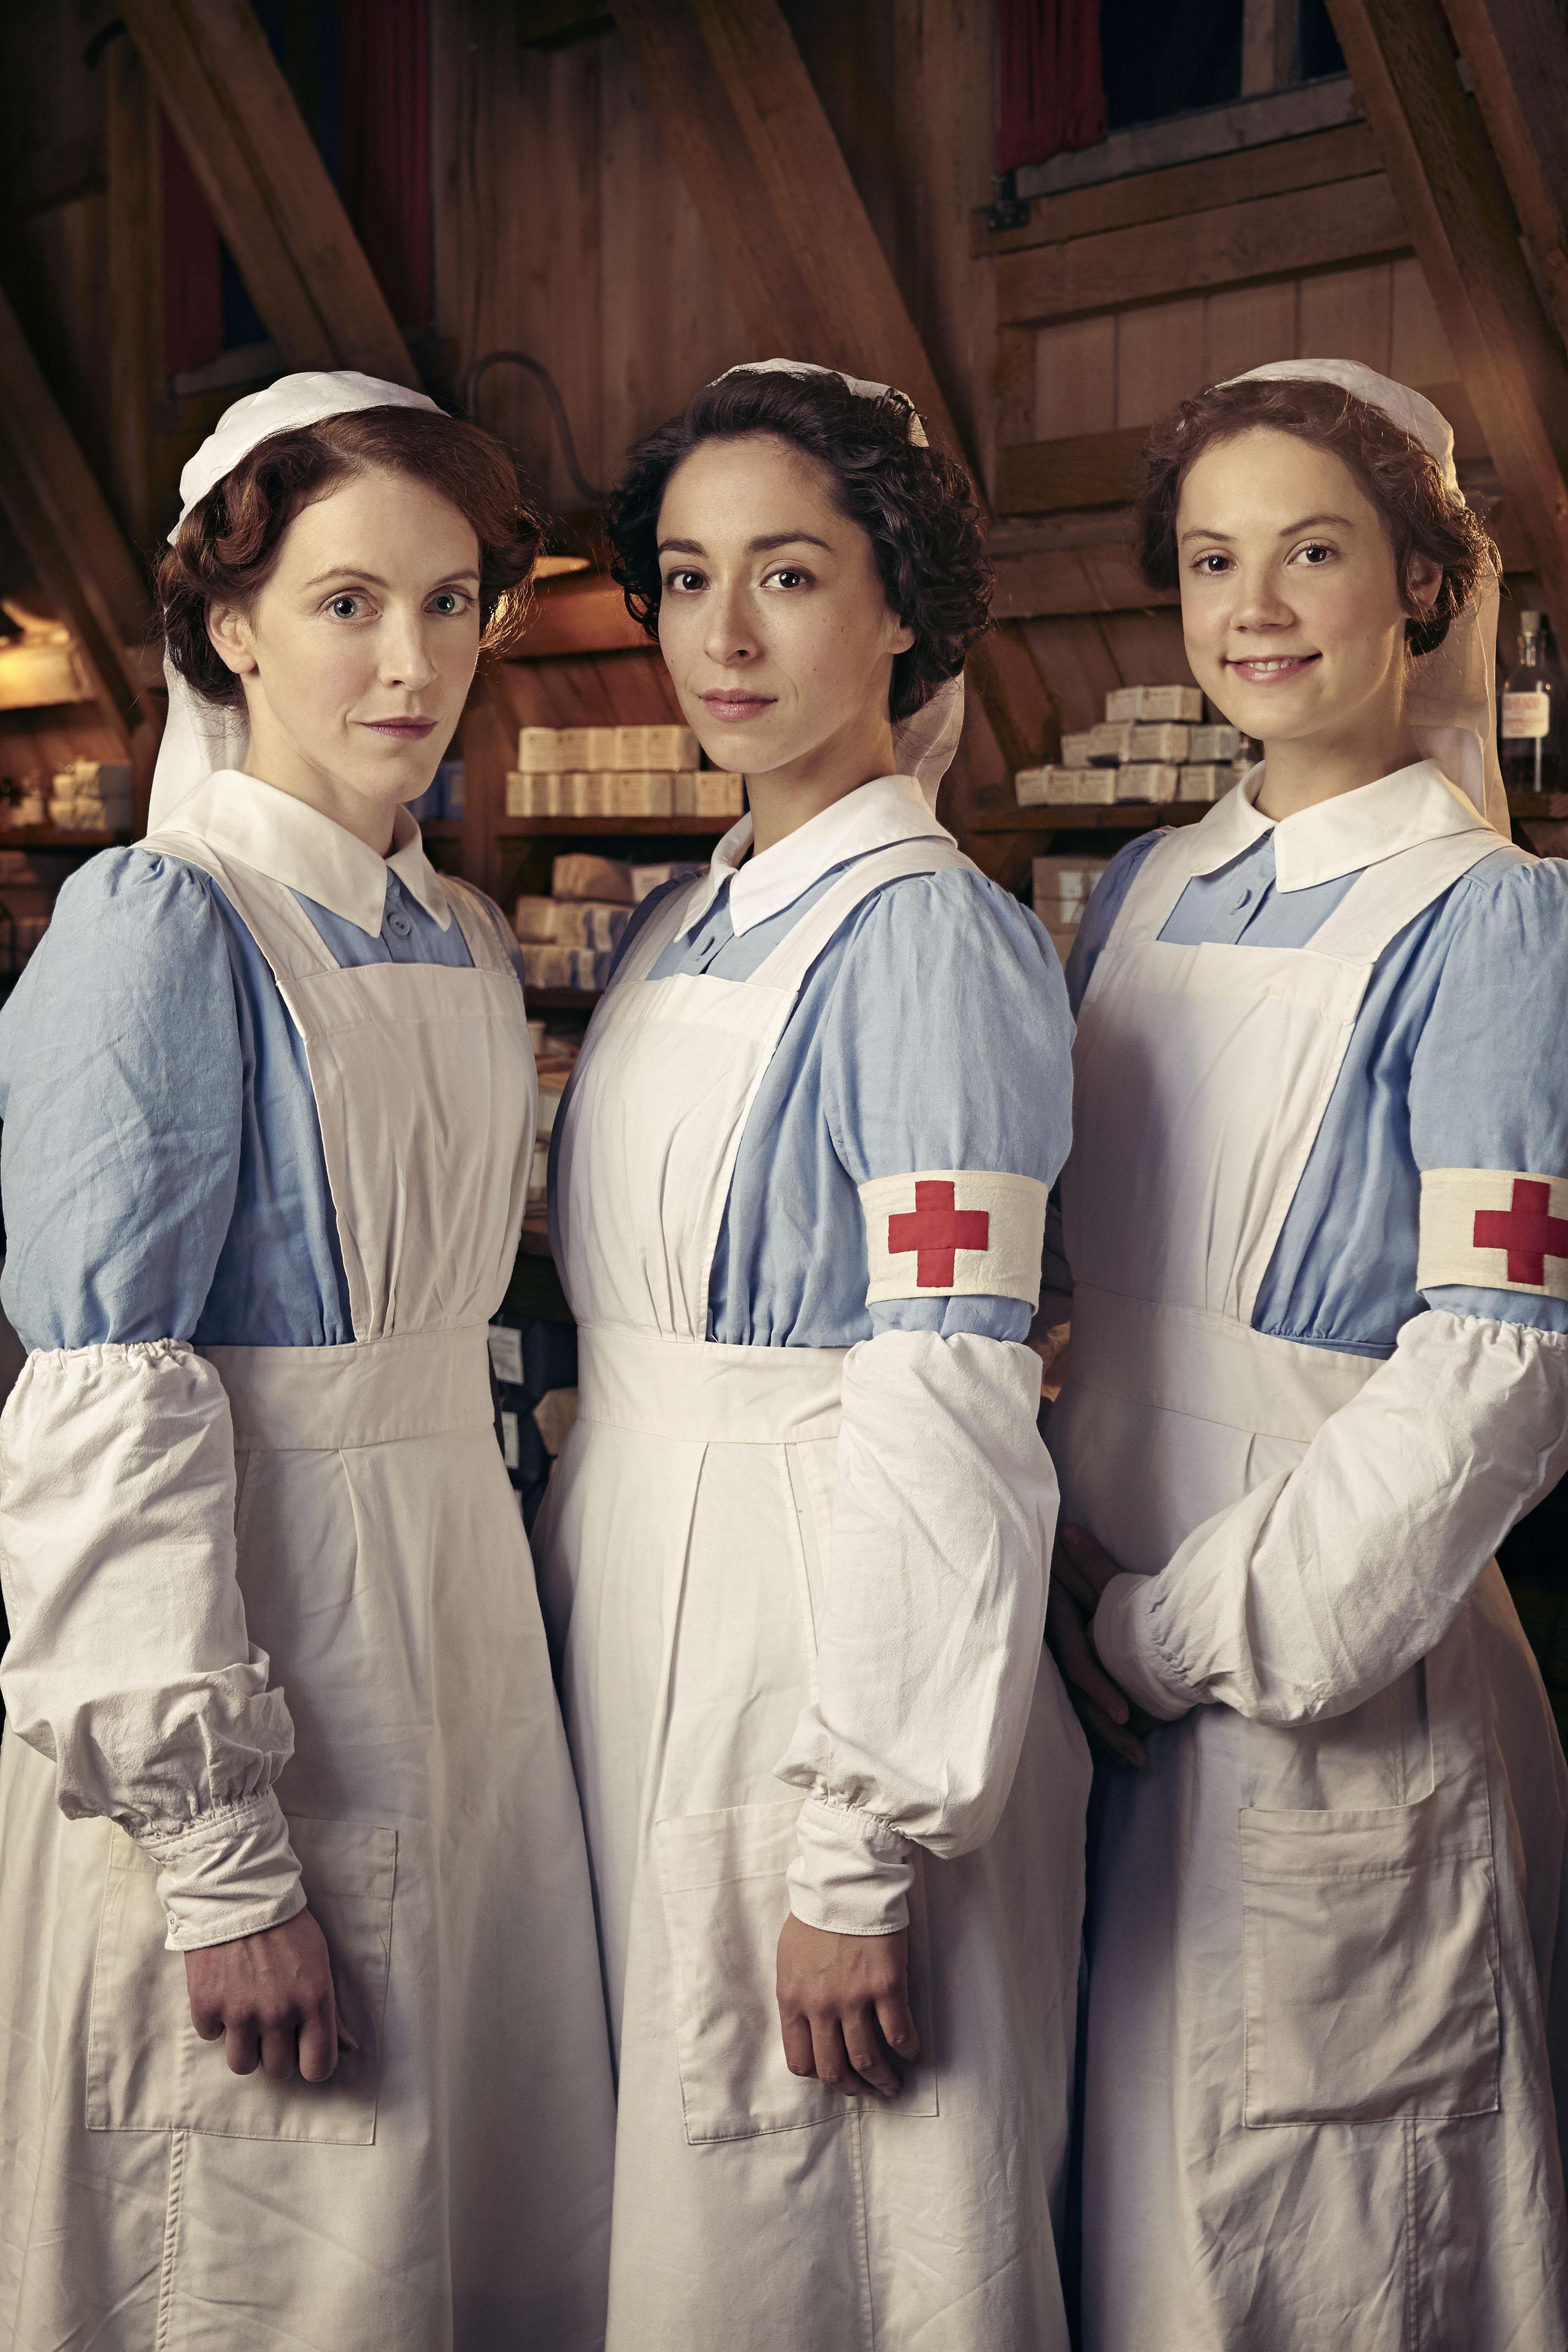 Смотреть про медсестер бесплатно 8 фотография